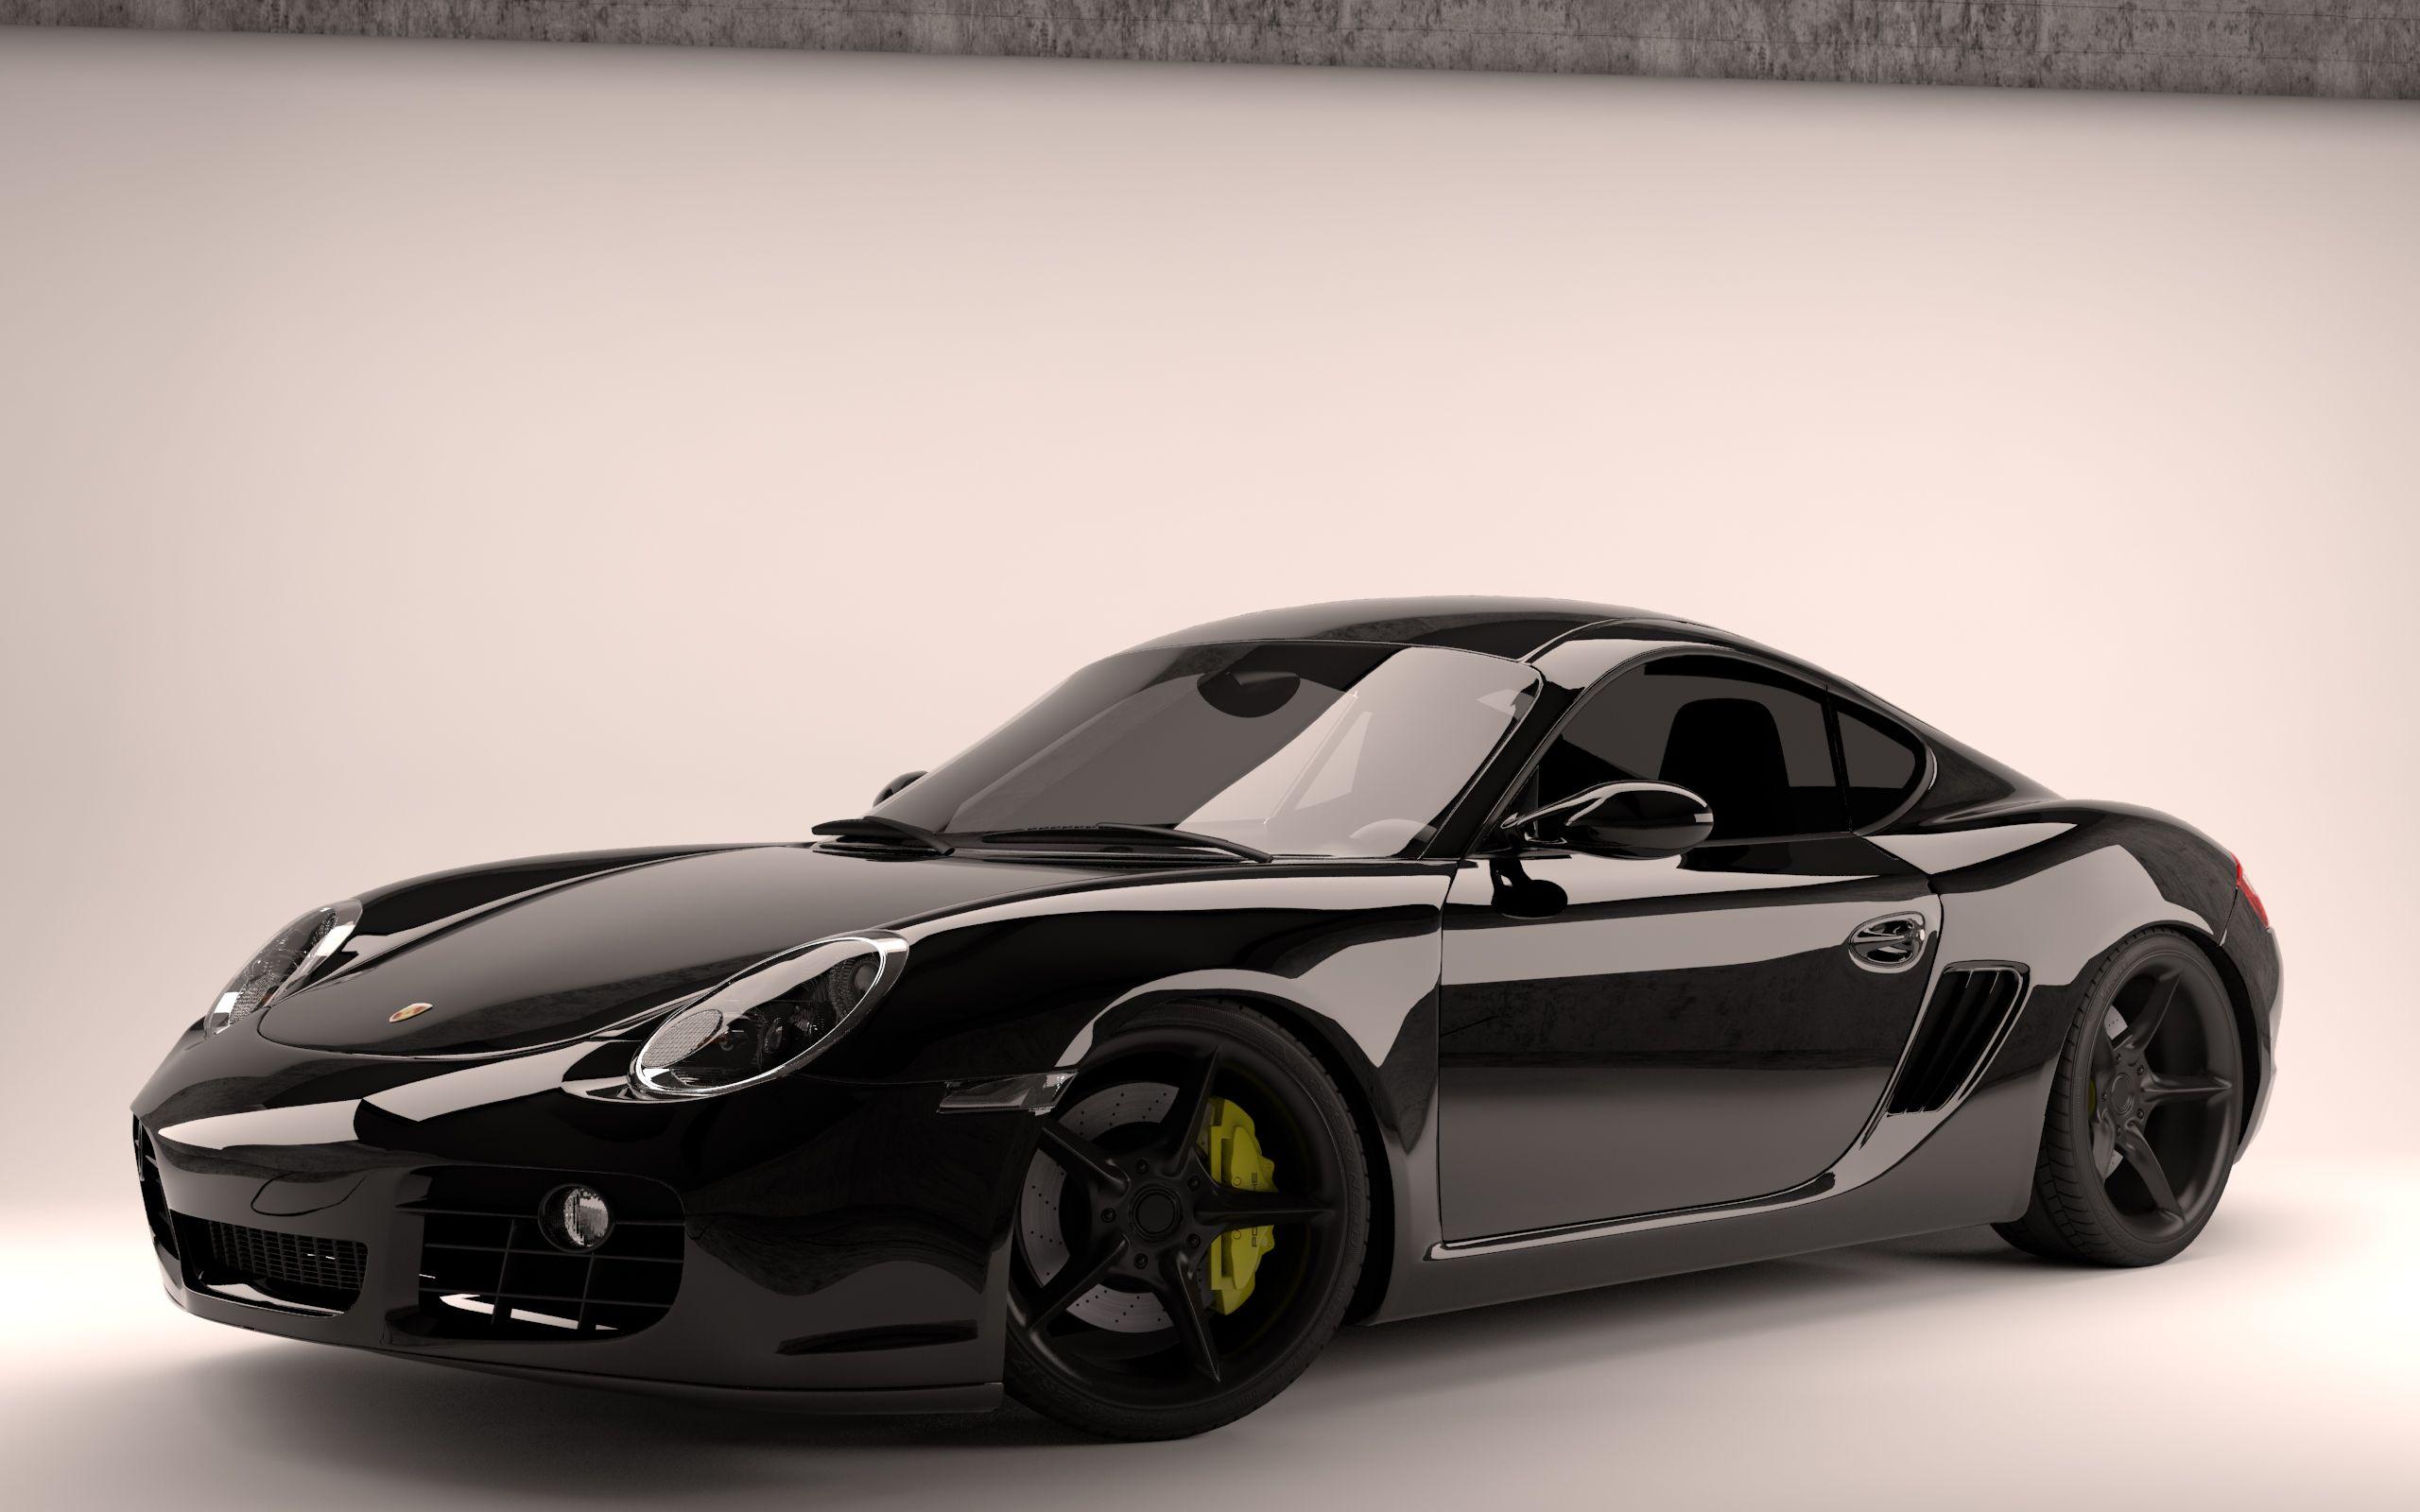 Porsche Cayman S Porsche Porsche Cayman Black Porsche Cayman S